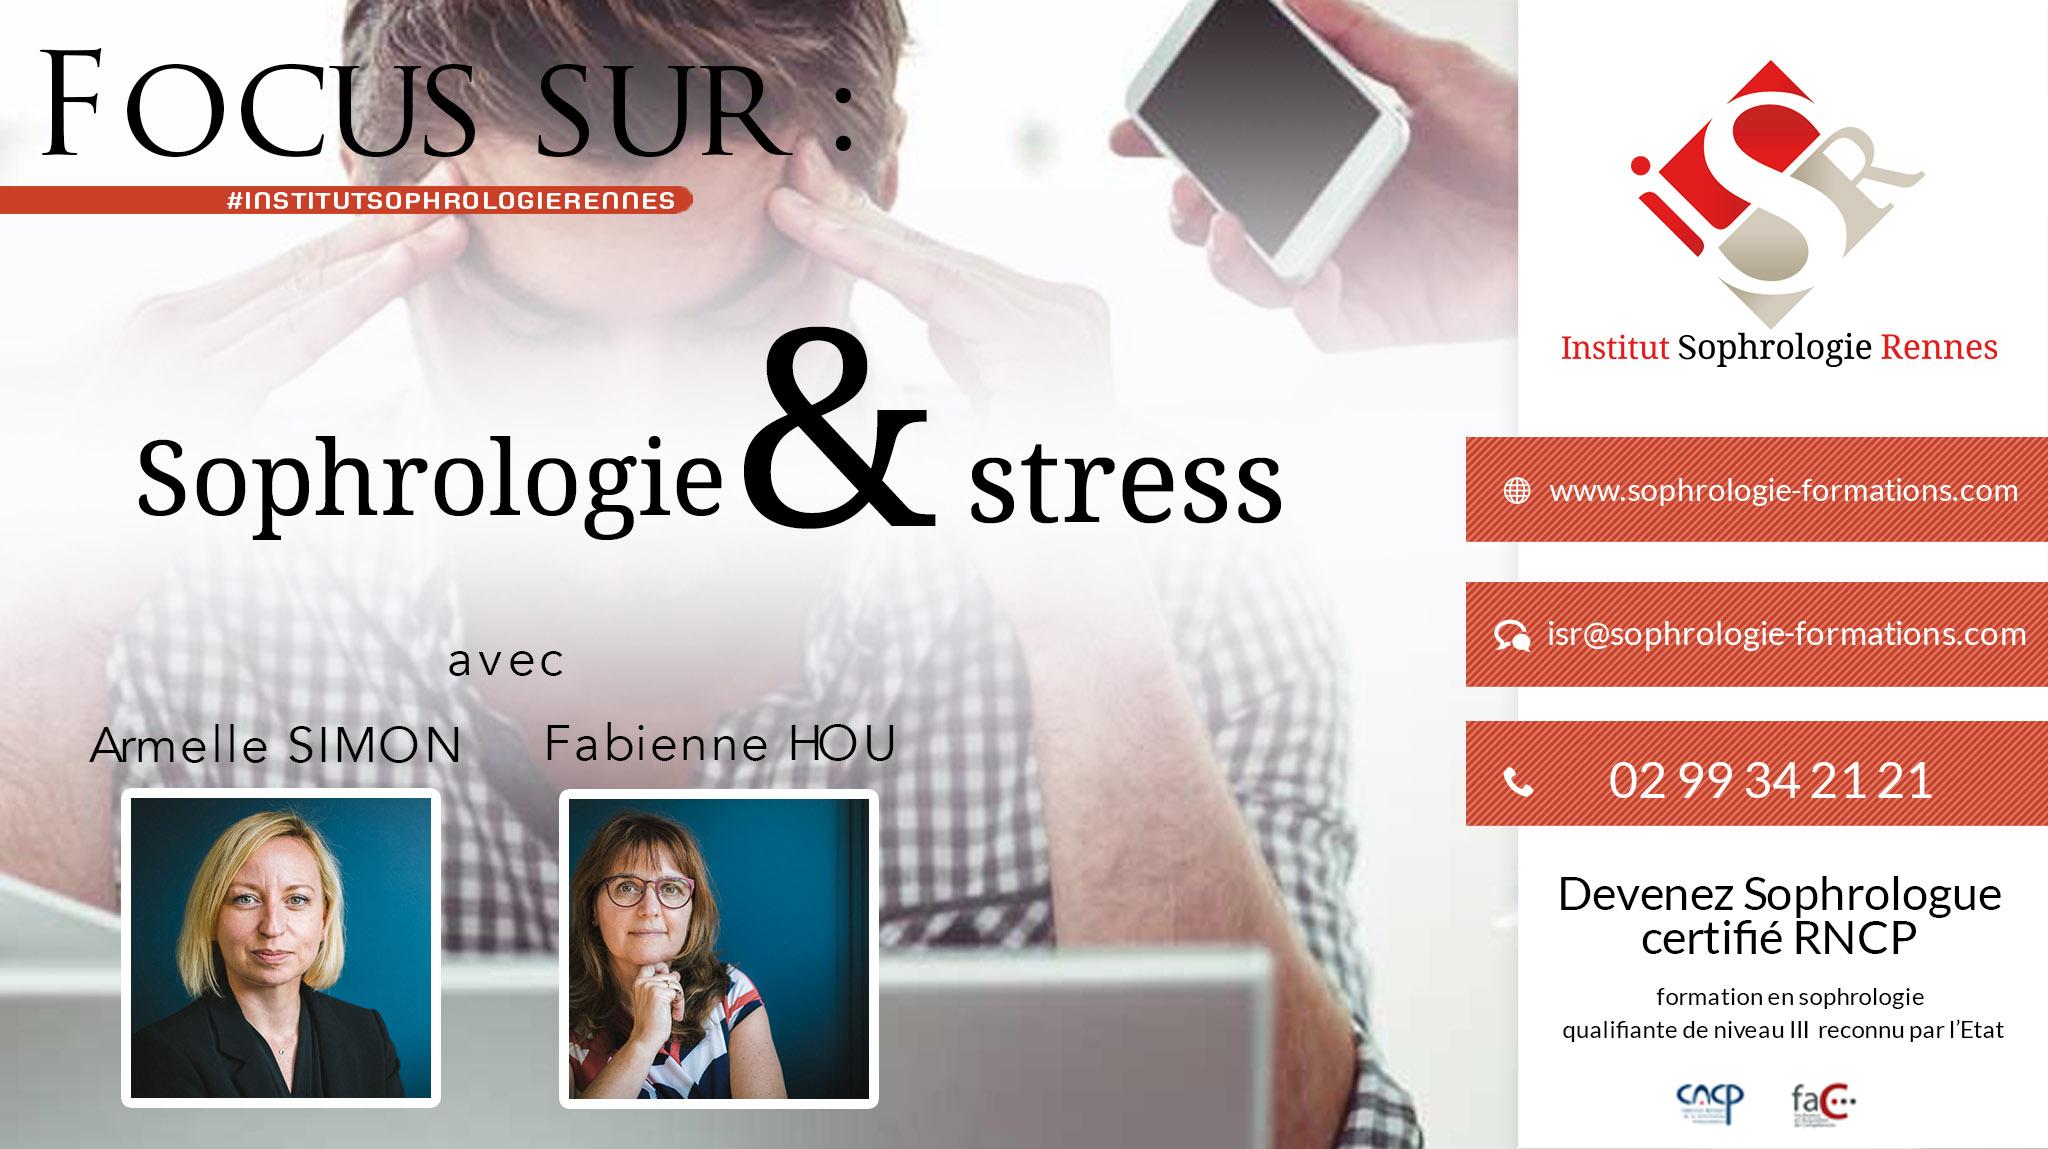 Focus sur Sophrologie et Stress - ISR